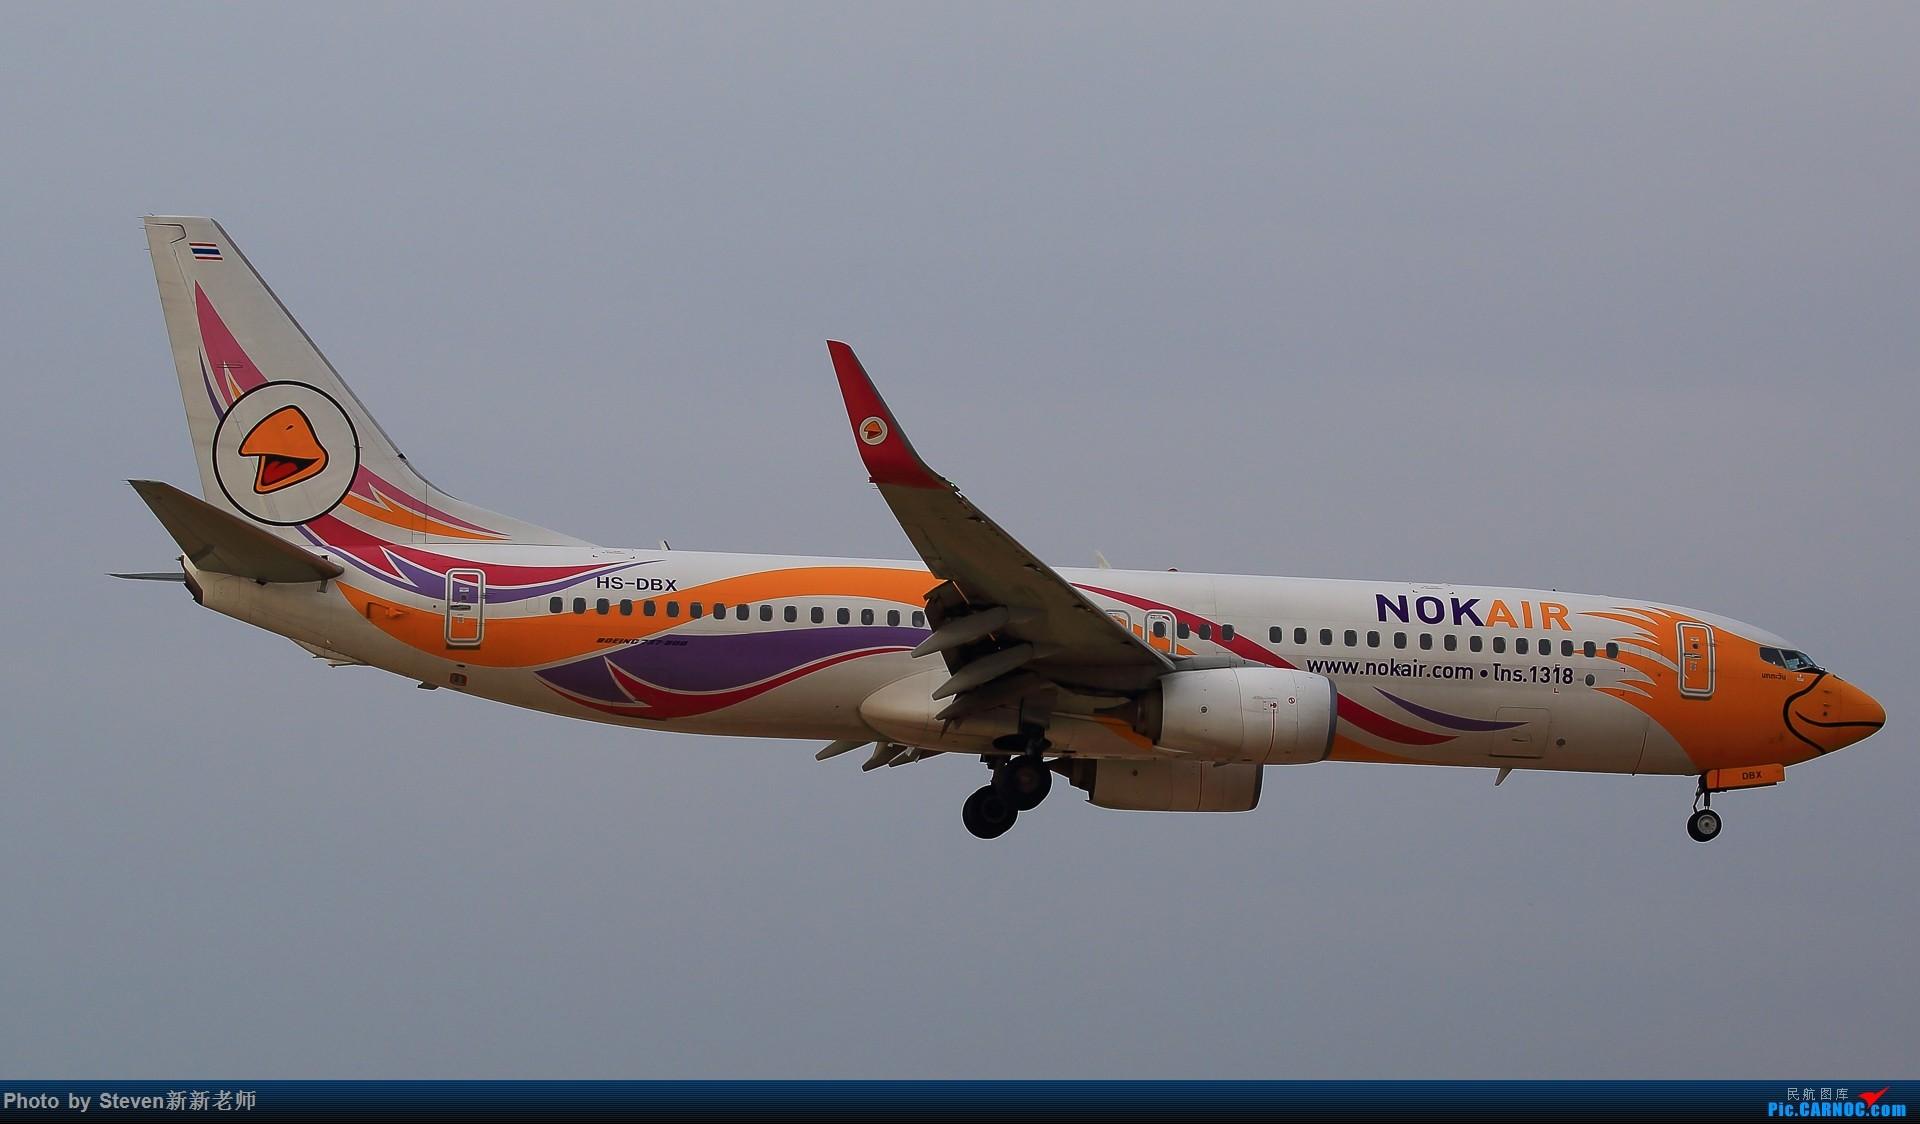 """Re:[原创]亚洲""""圣马丁岛""""—普吉国际机场拍机 BOEING 737-800 HS-DBX 泰国普吉机场"""